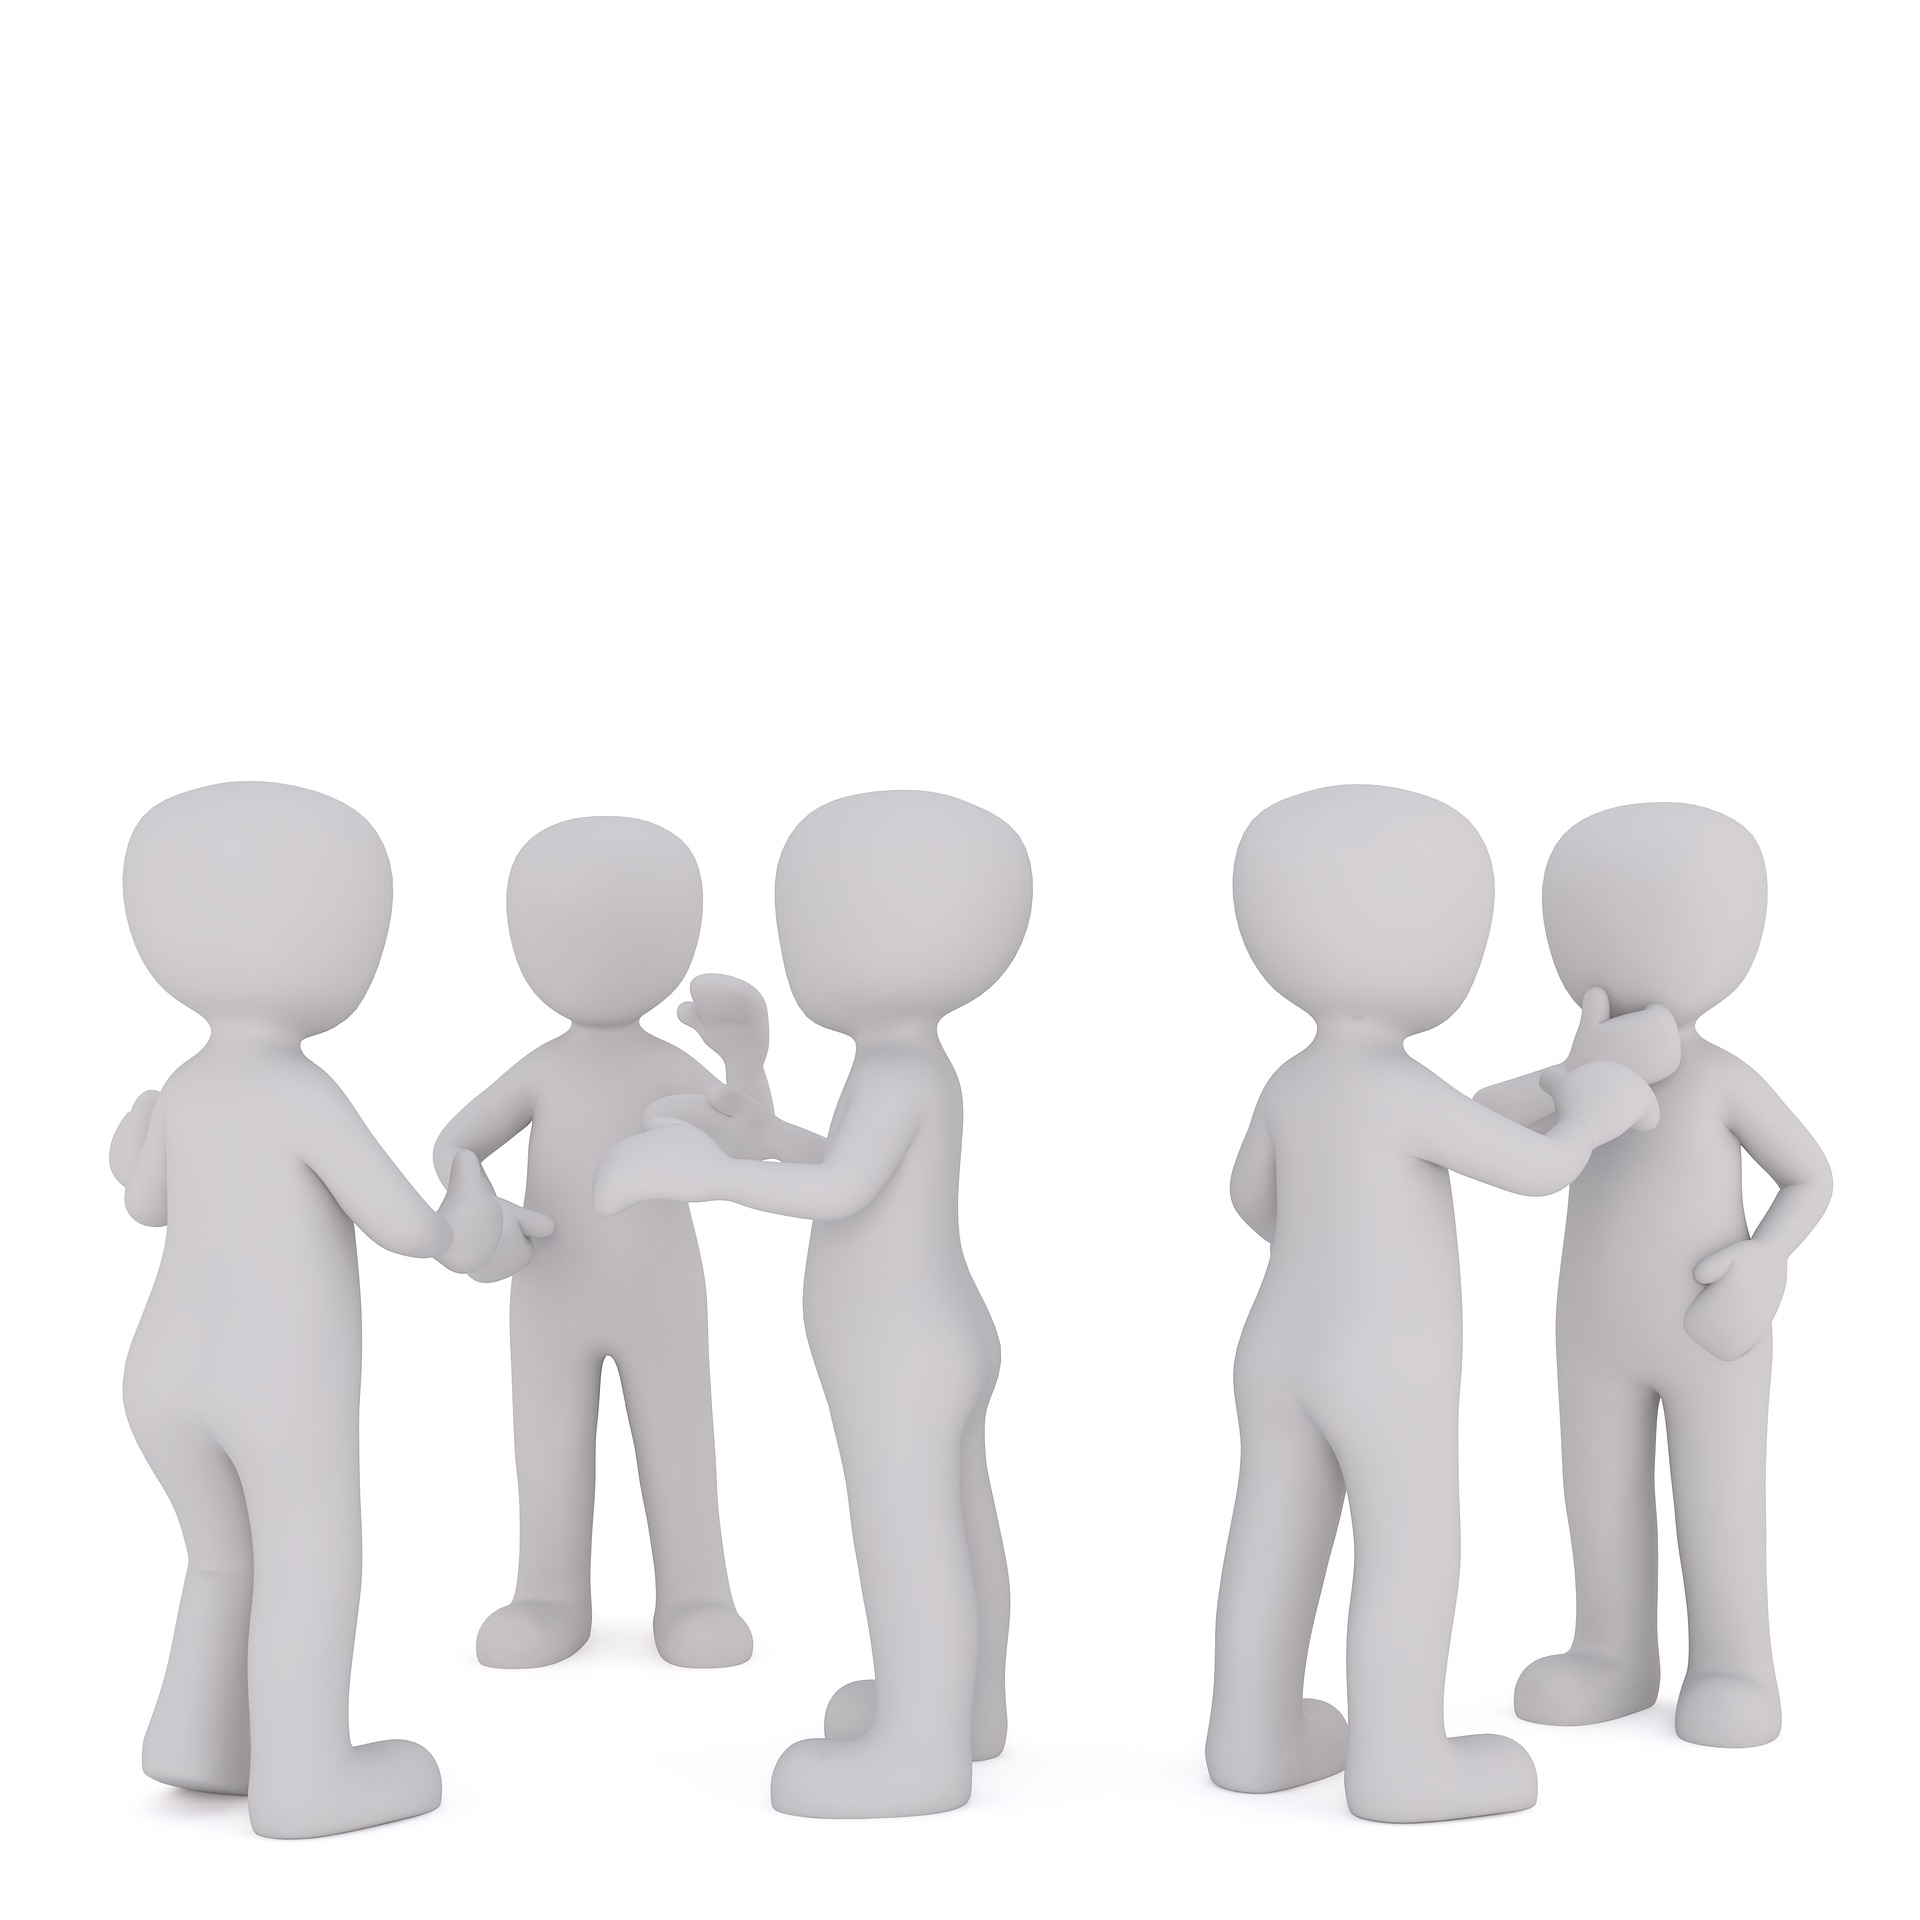 社内で意見が合わないときの対処法